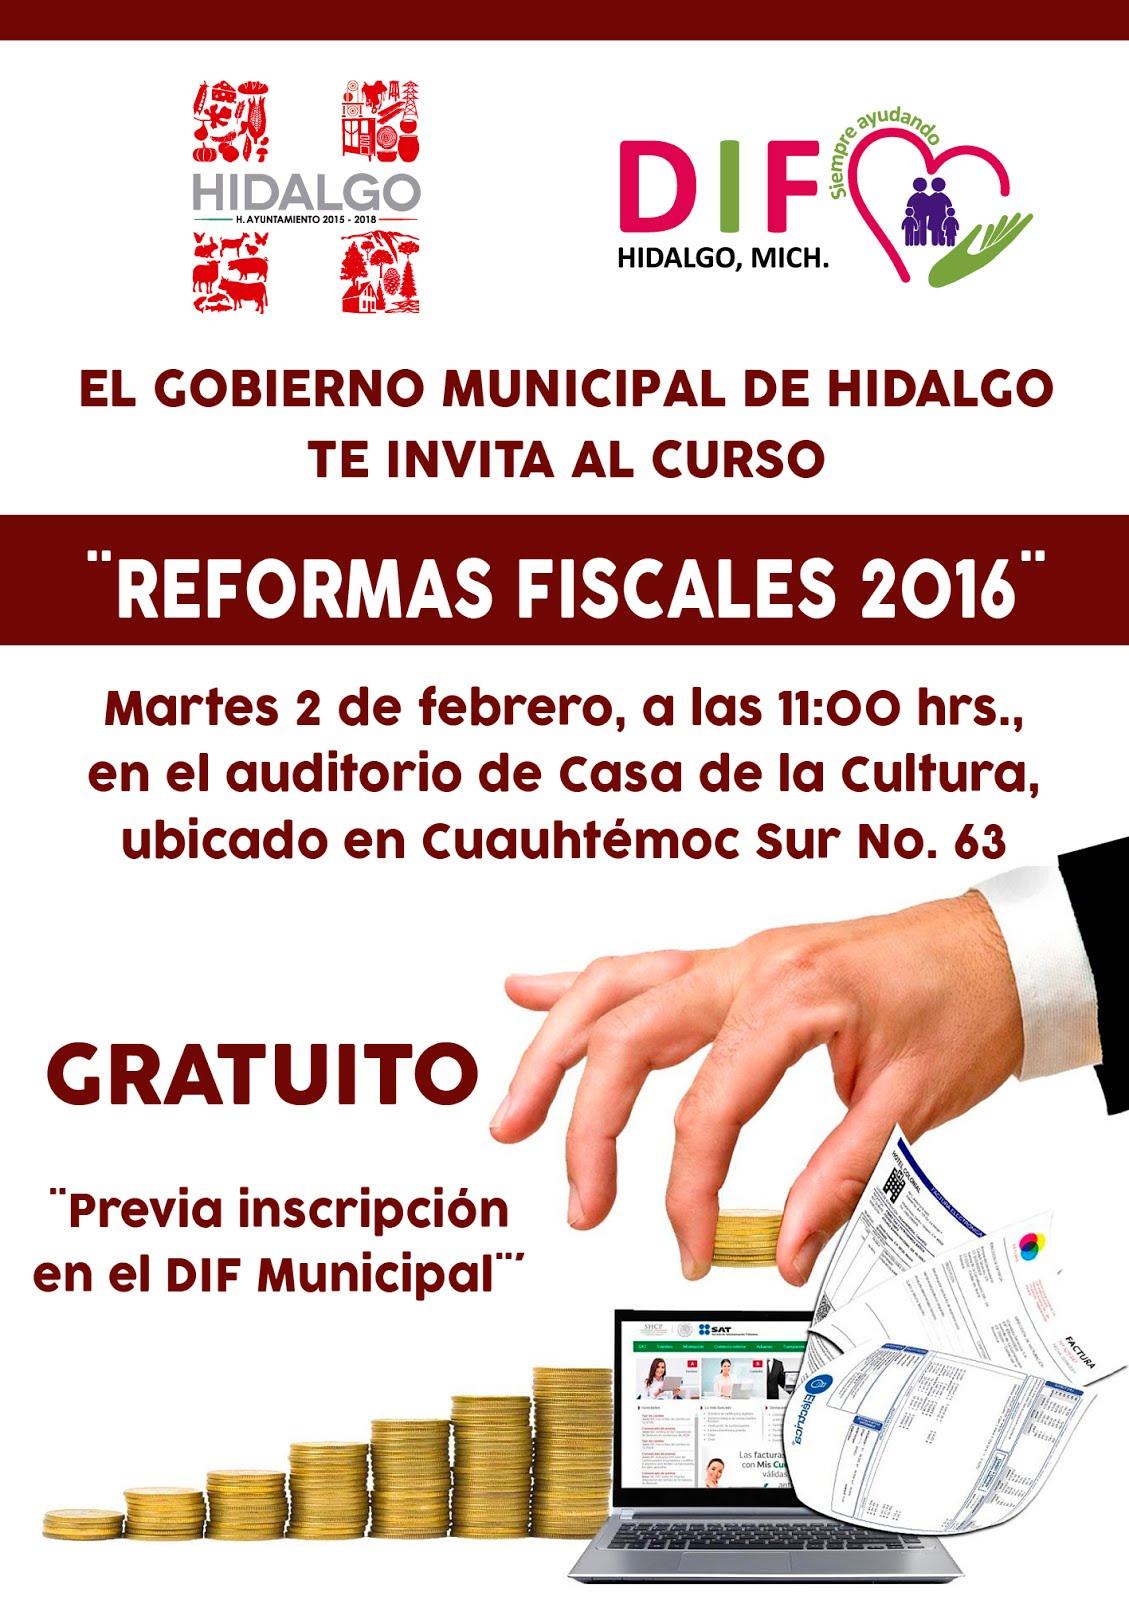 CURSO DE REFORMAS FISCALES 2016